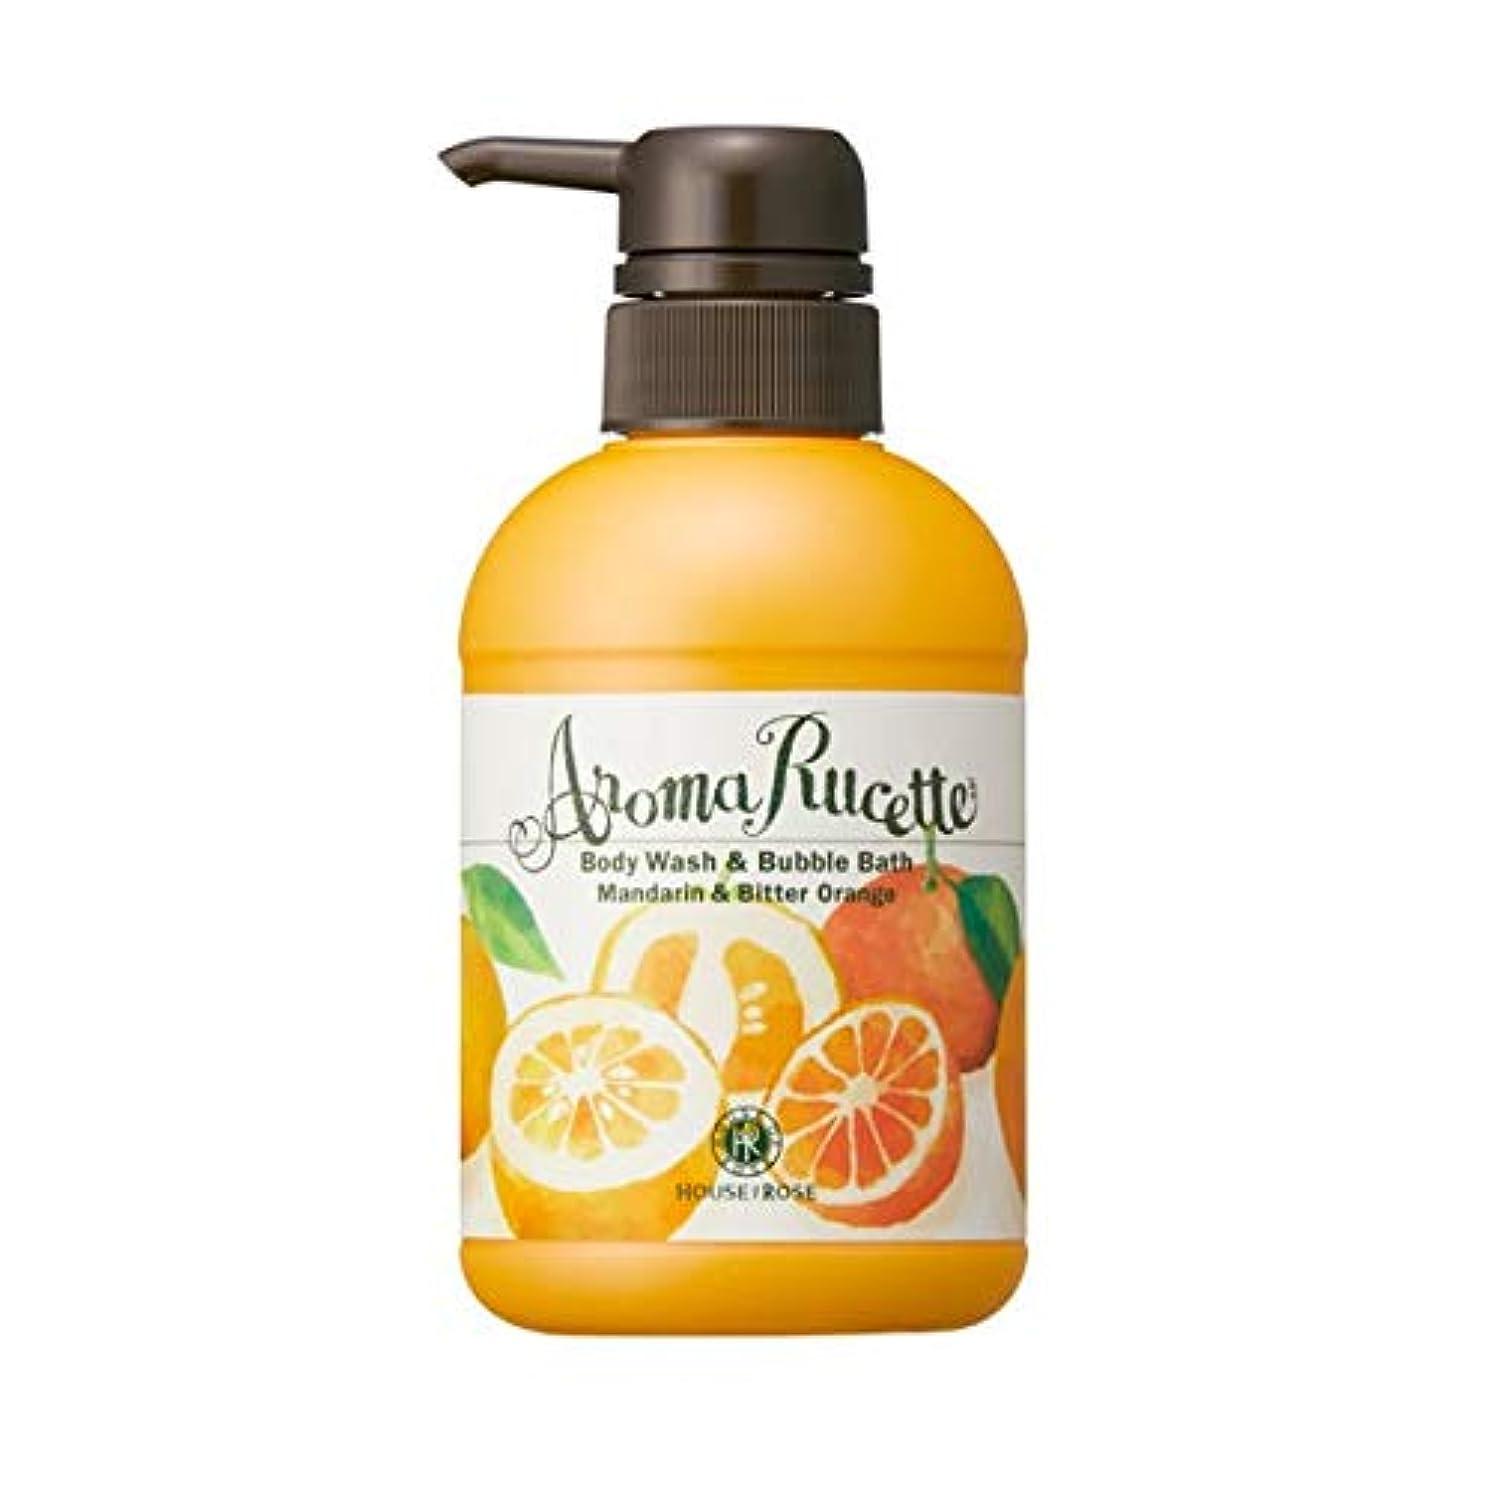 毒航海のフラッシュのように素早くHOUSE OF ROSE(ハウスオブローゼ) ハウスオブローゼ/アロマルセット ボディウォッシュ&バブルバス MD&BO(マンダリン&ビターオレンジの香り)350mL